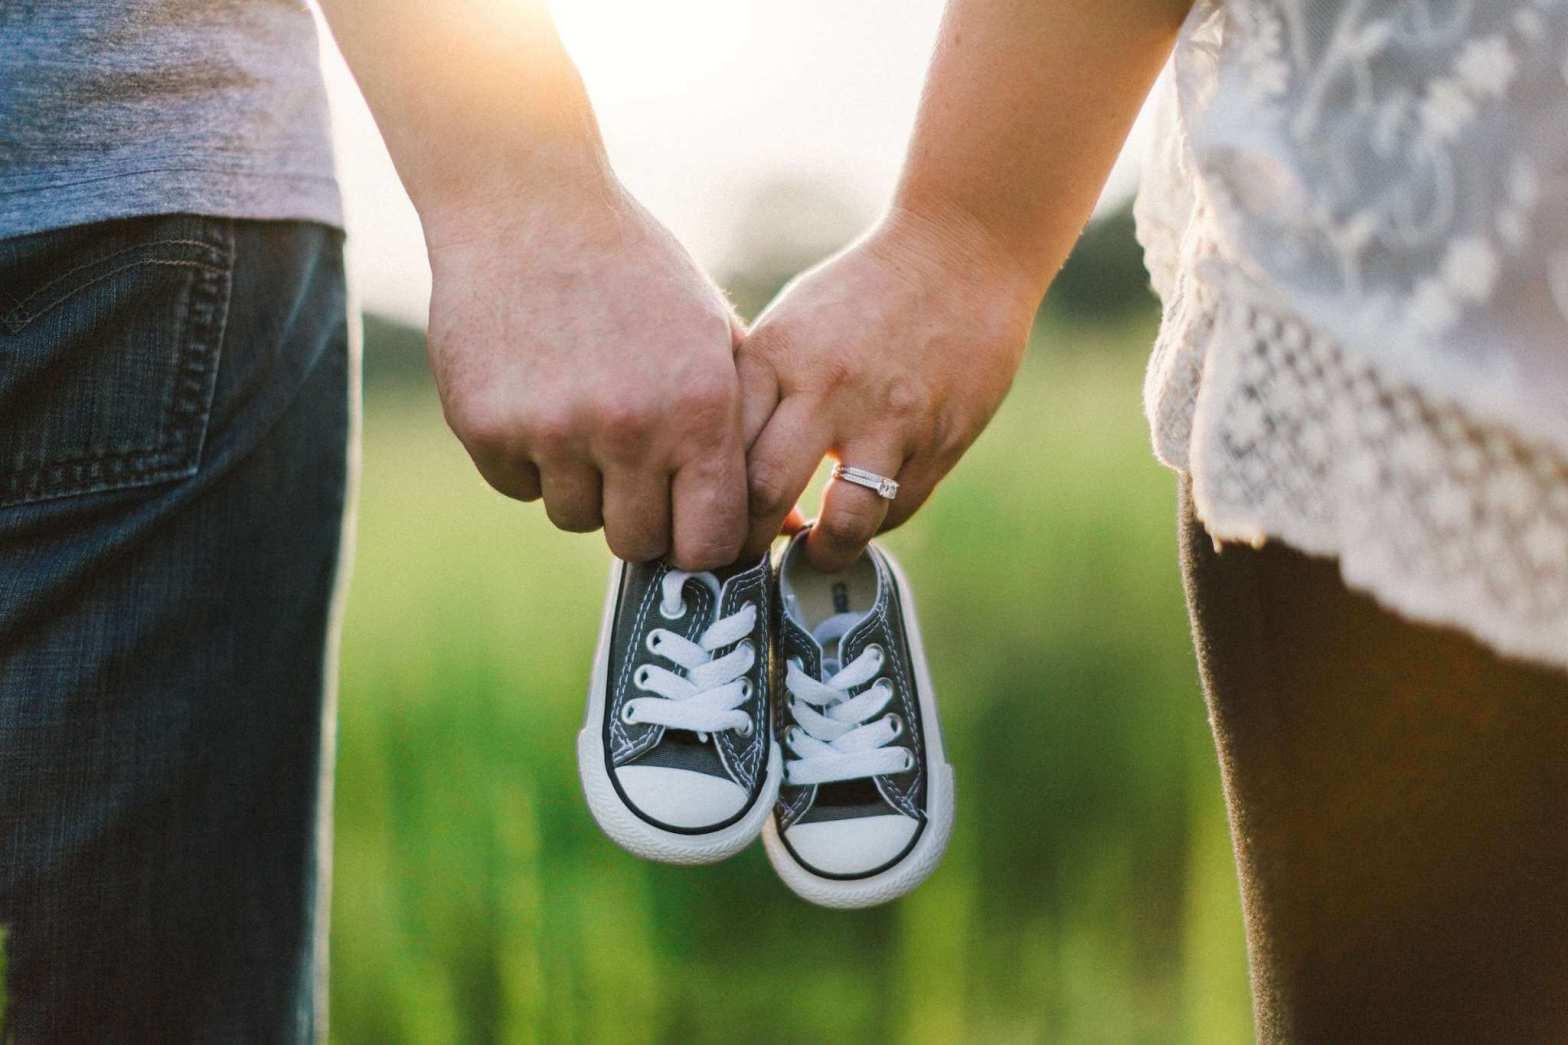 parents, partialité, coparentalité, couple, bébé, mère, père, patrescence, matrescence